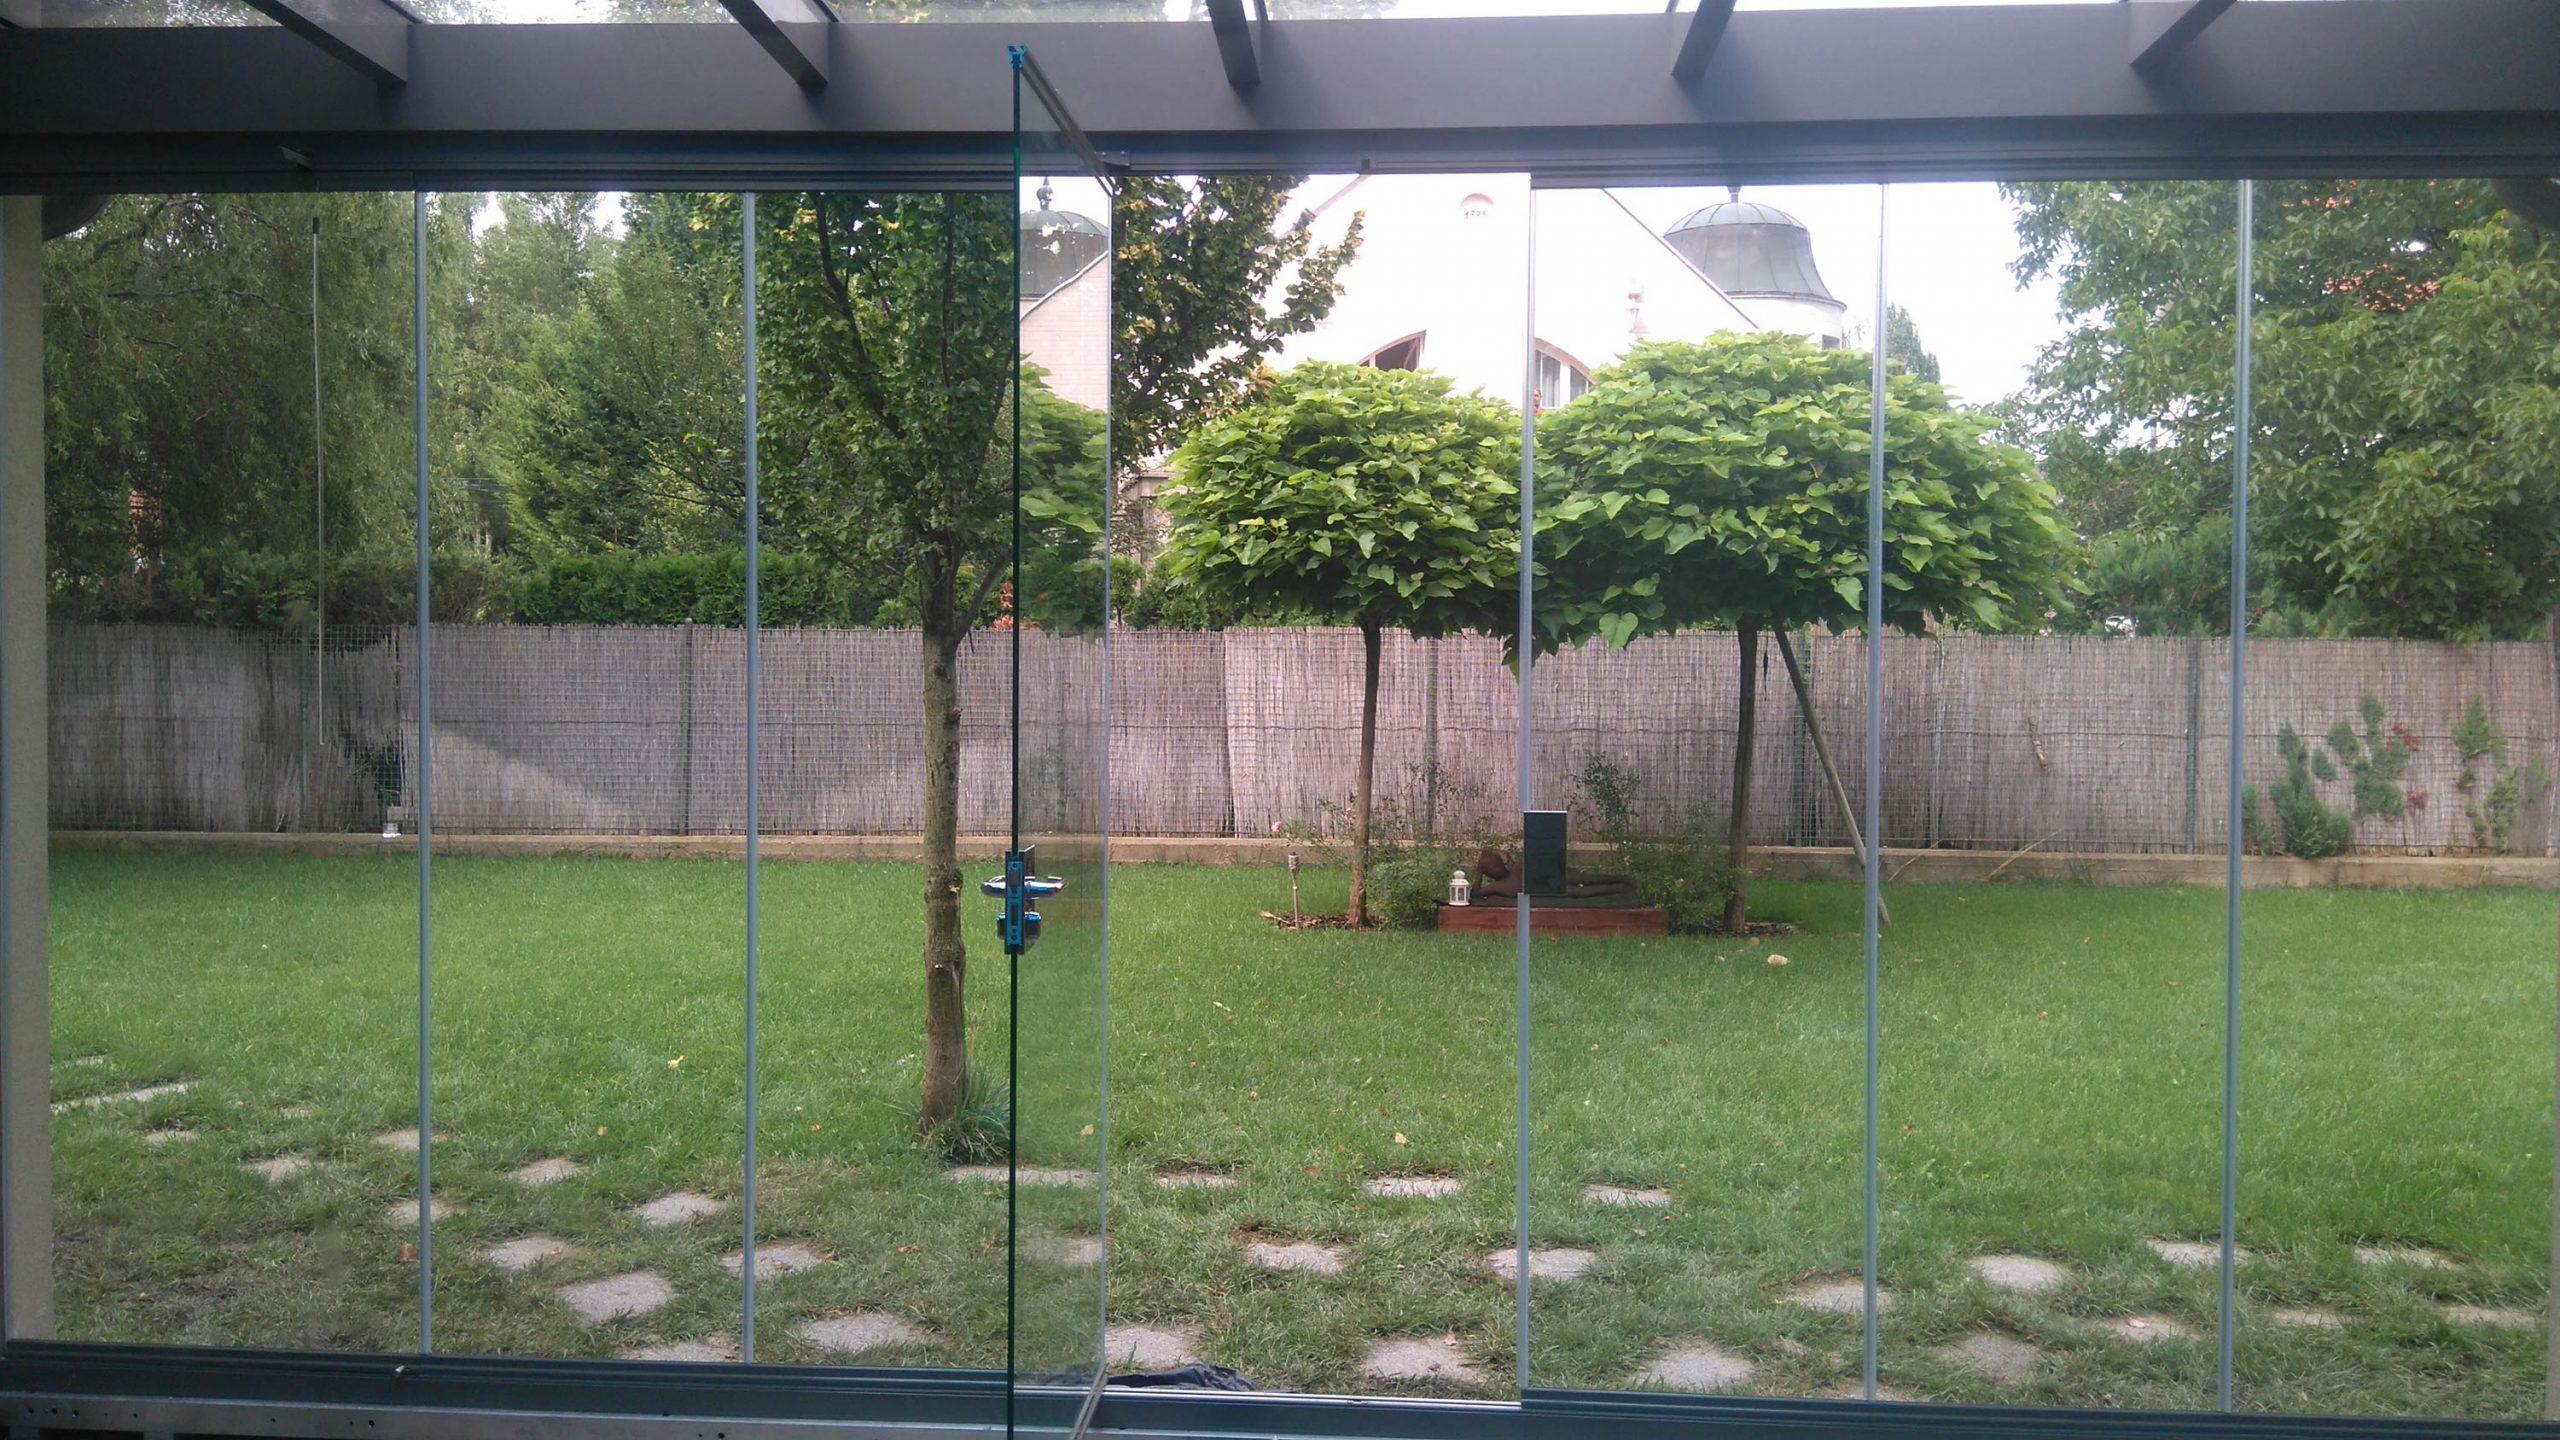 cortina-de-cristal-puerta-movil-hungria2351